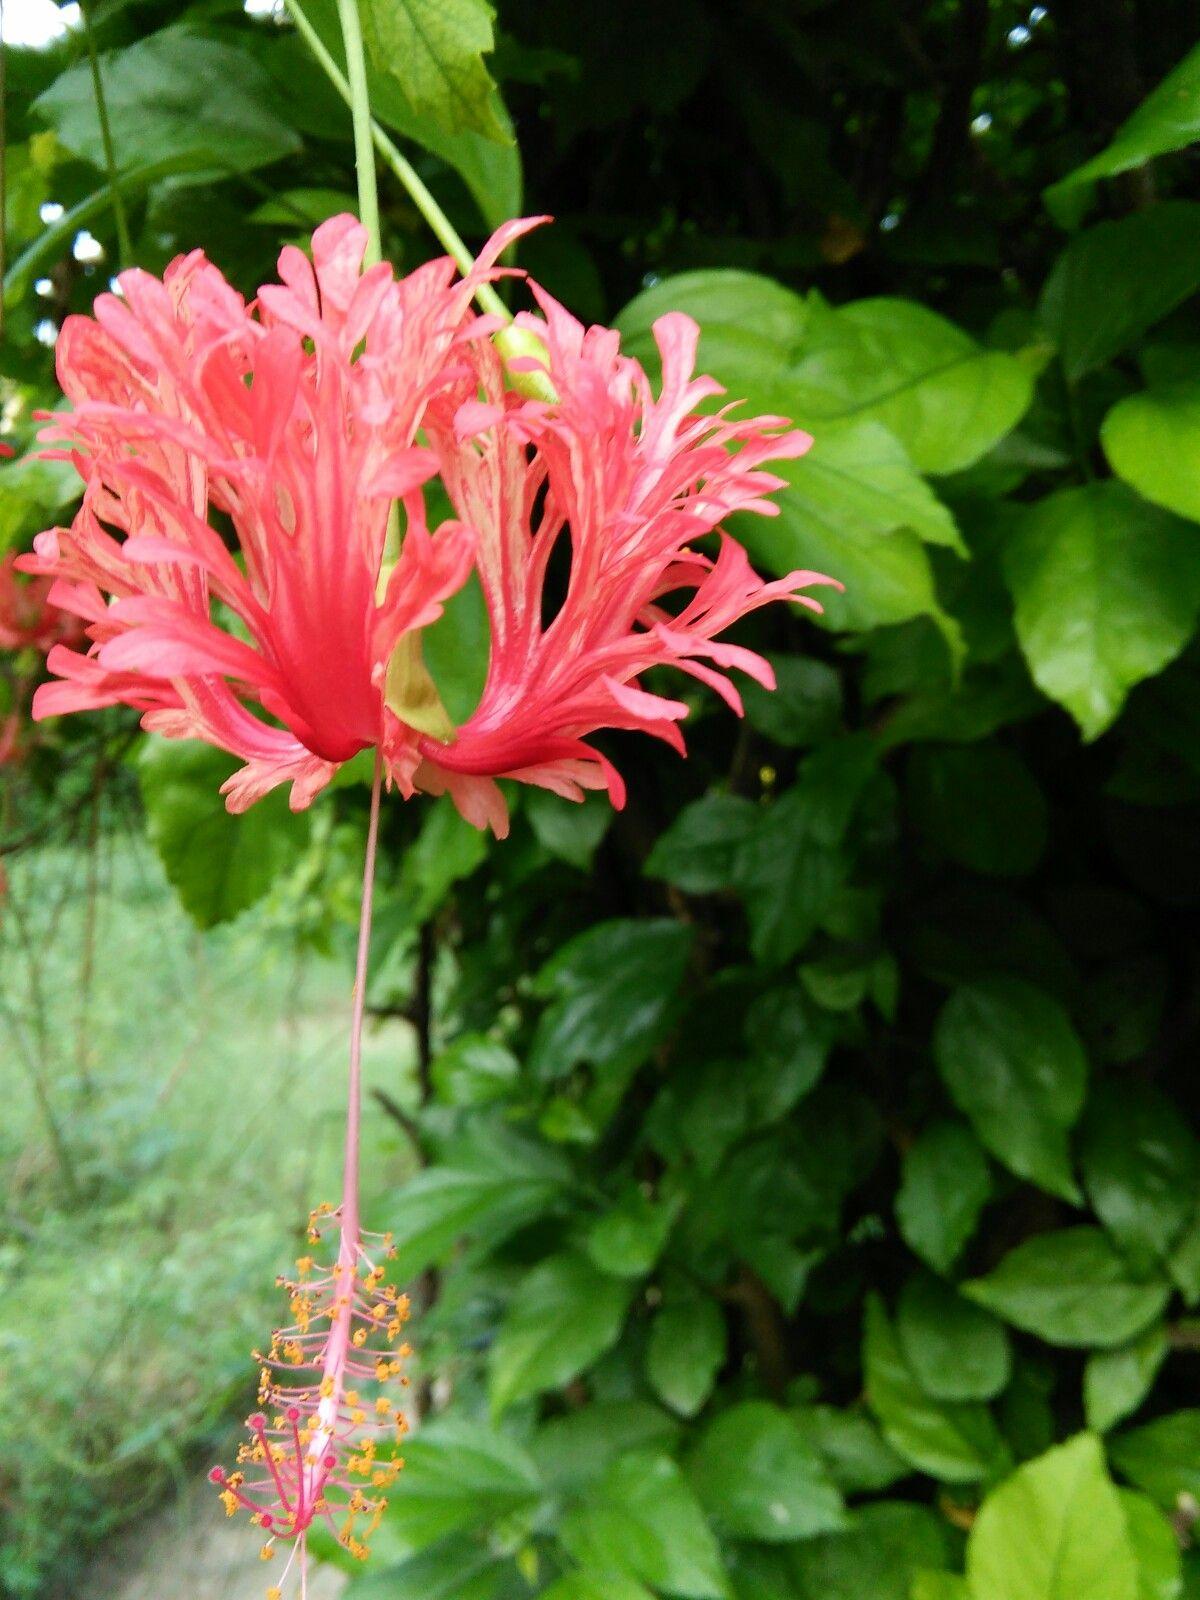 Hangin the hibiscus flower hibiscus 蚱